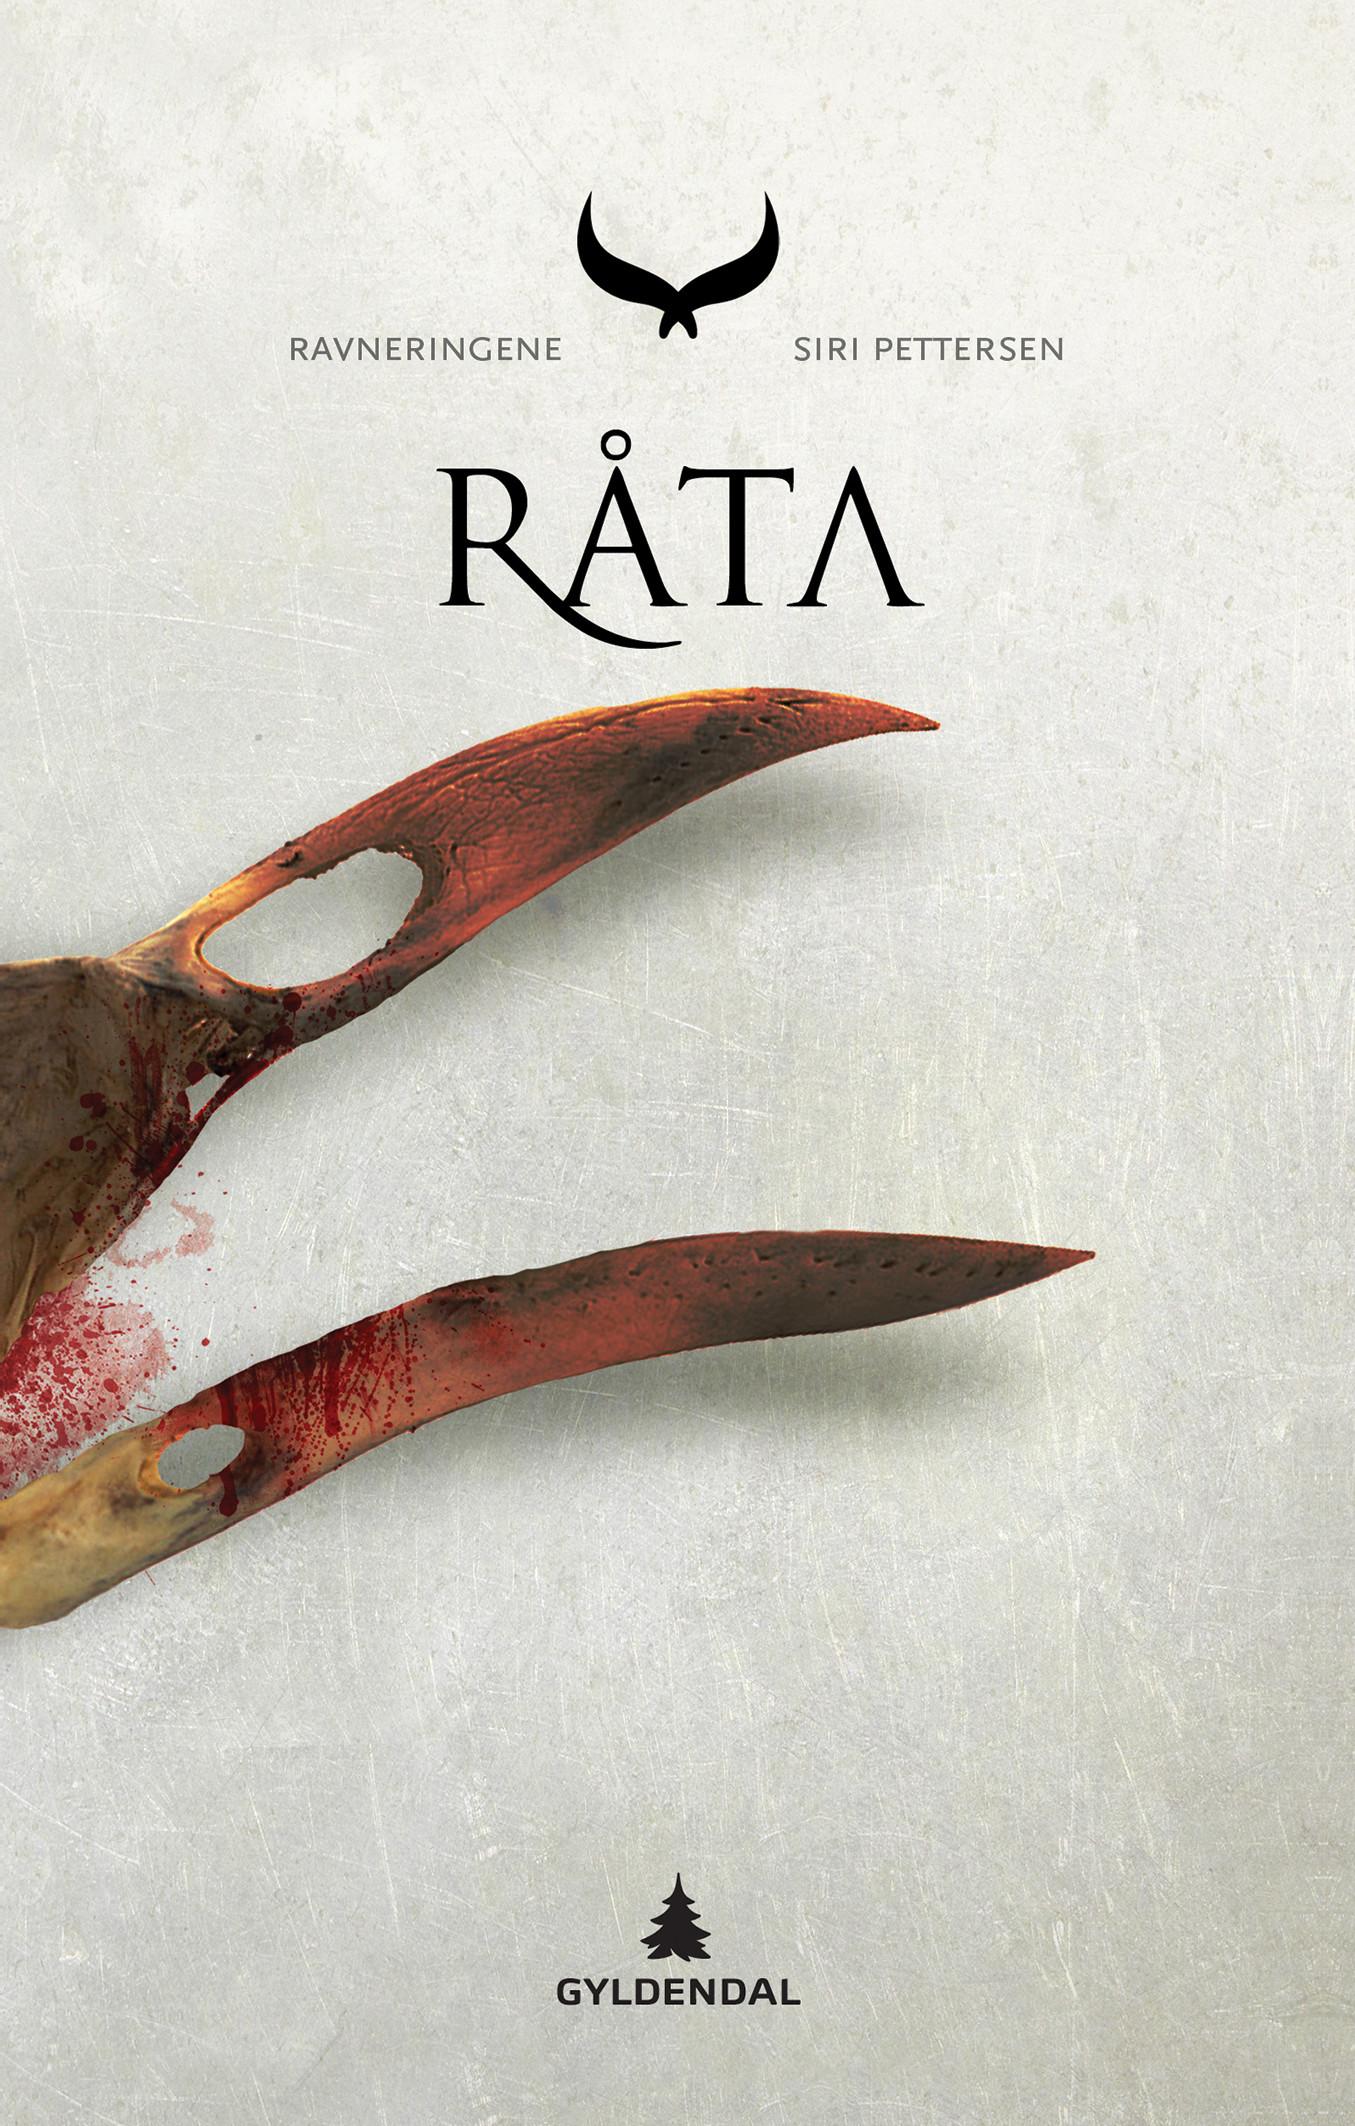 Råta (Ravneringene 2) - Siri Pettersen